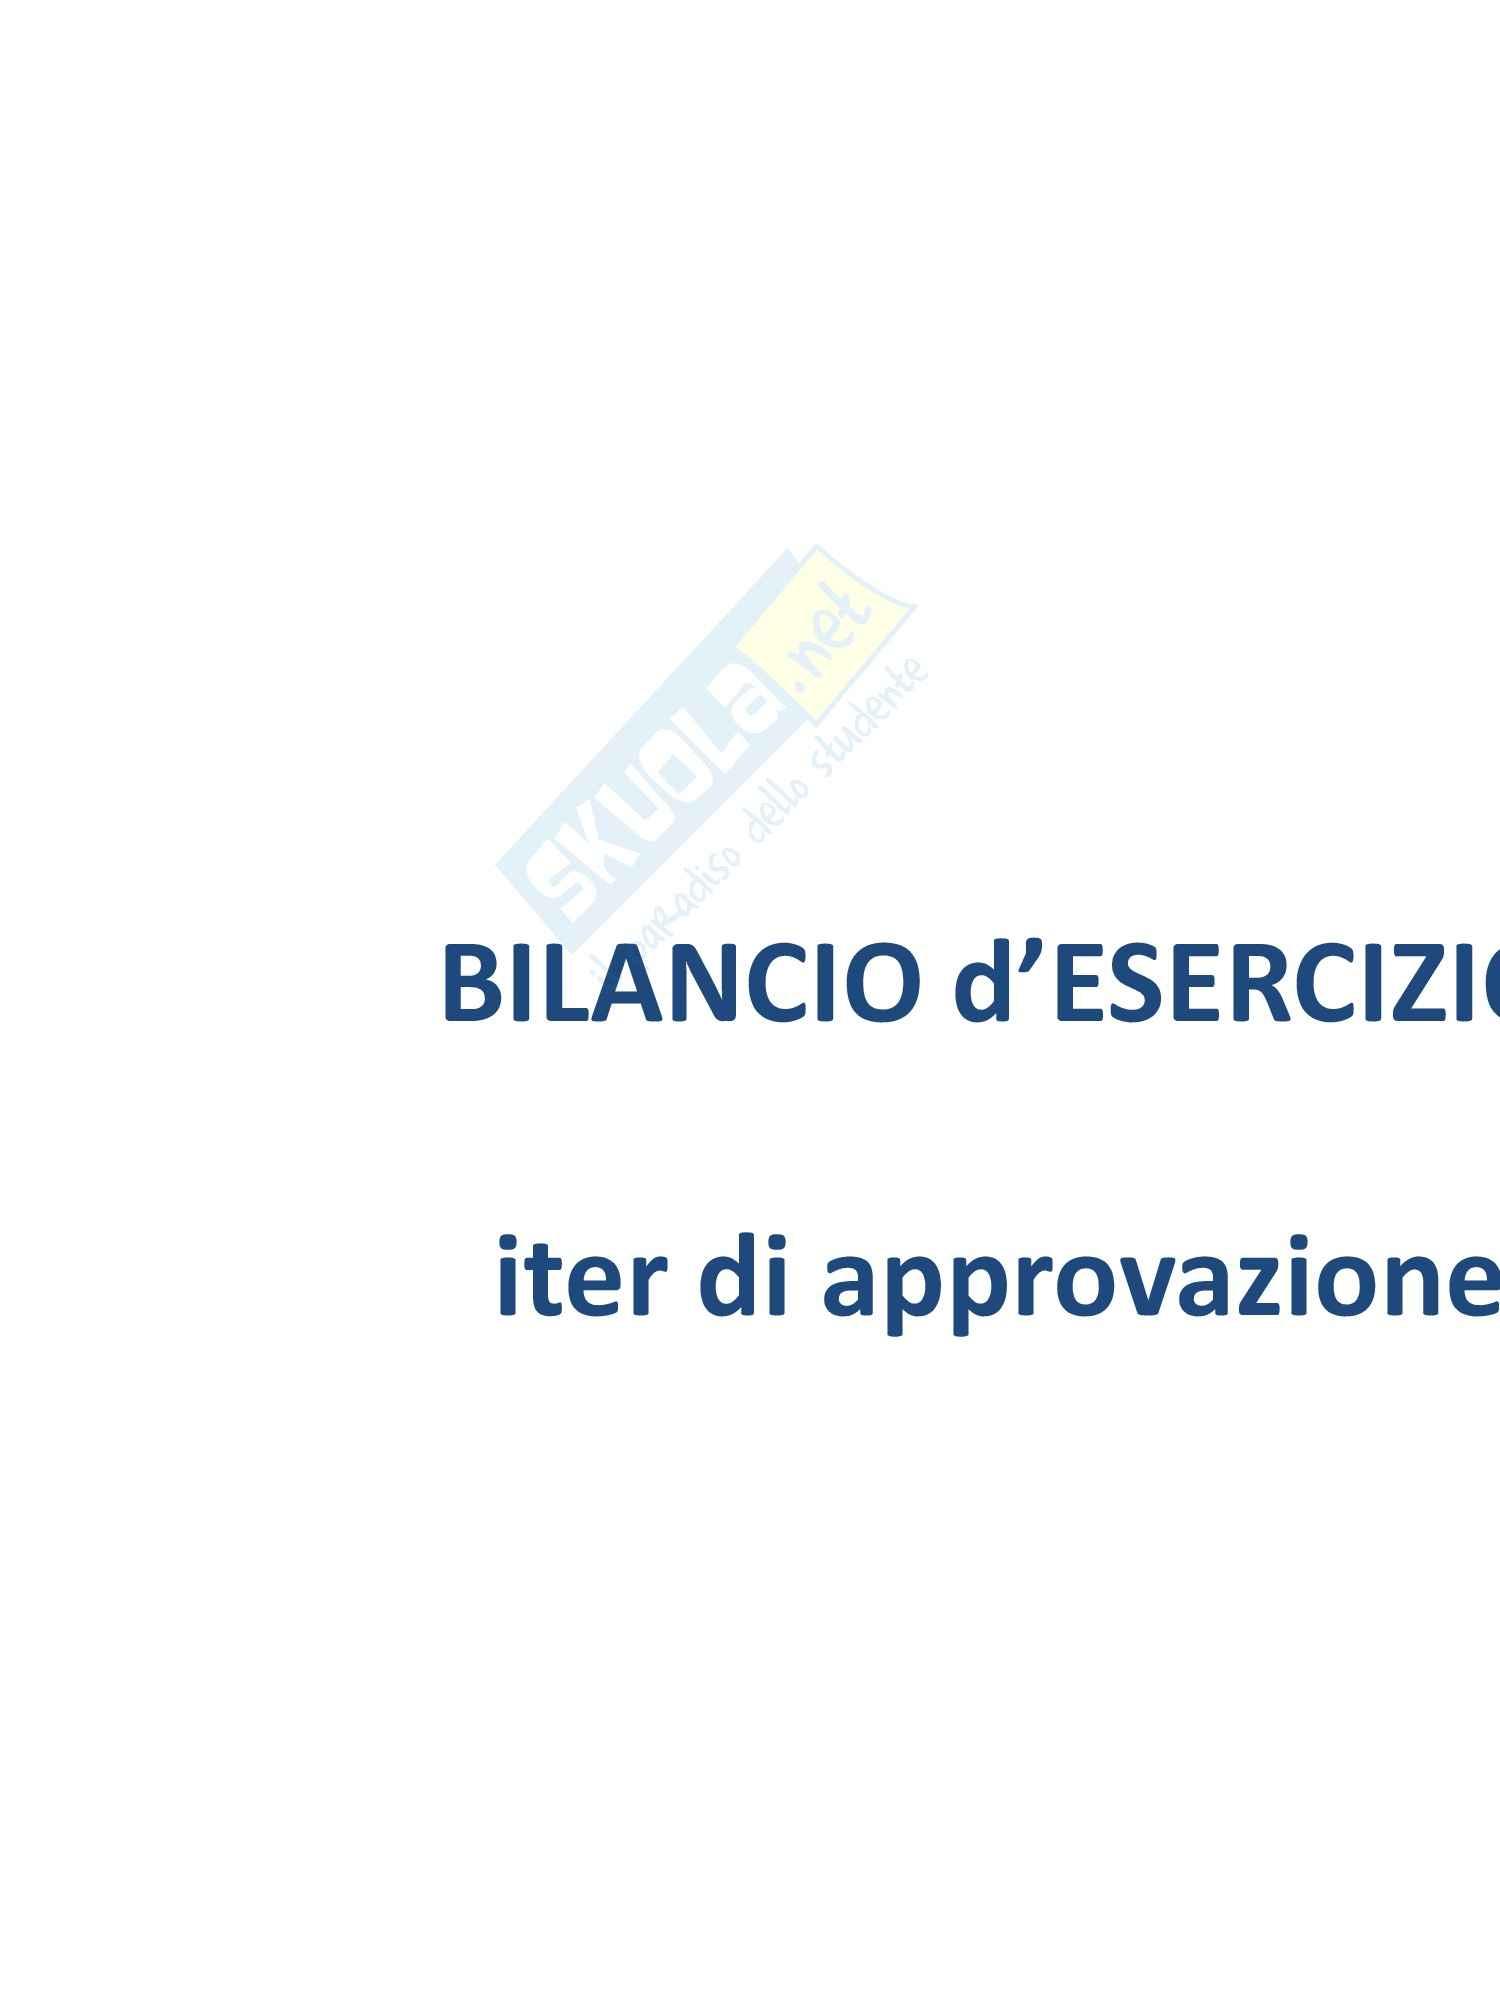 Economia aziendale - Bilancio di esercizio: iter di formazione e approvazione